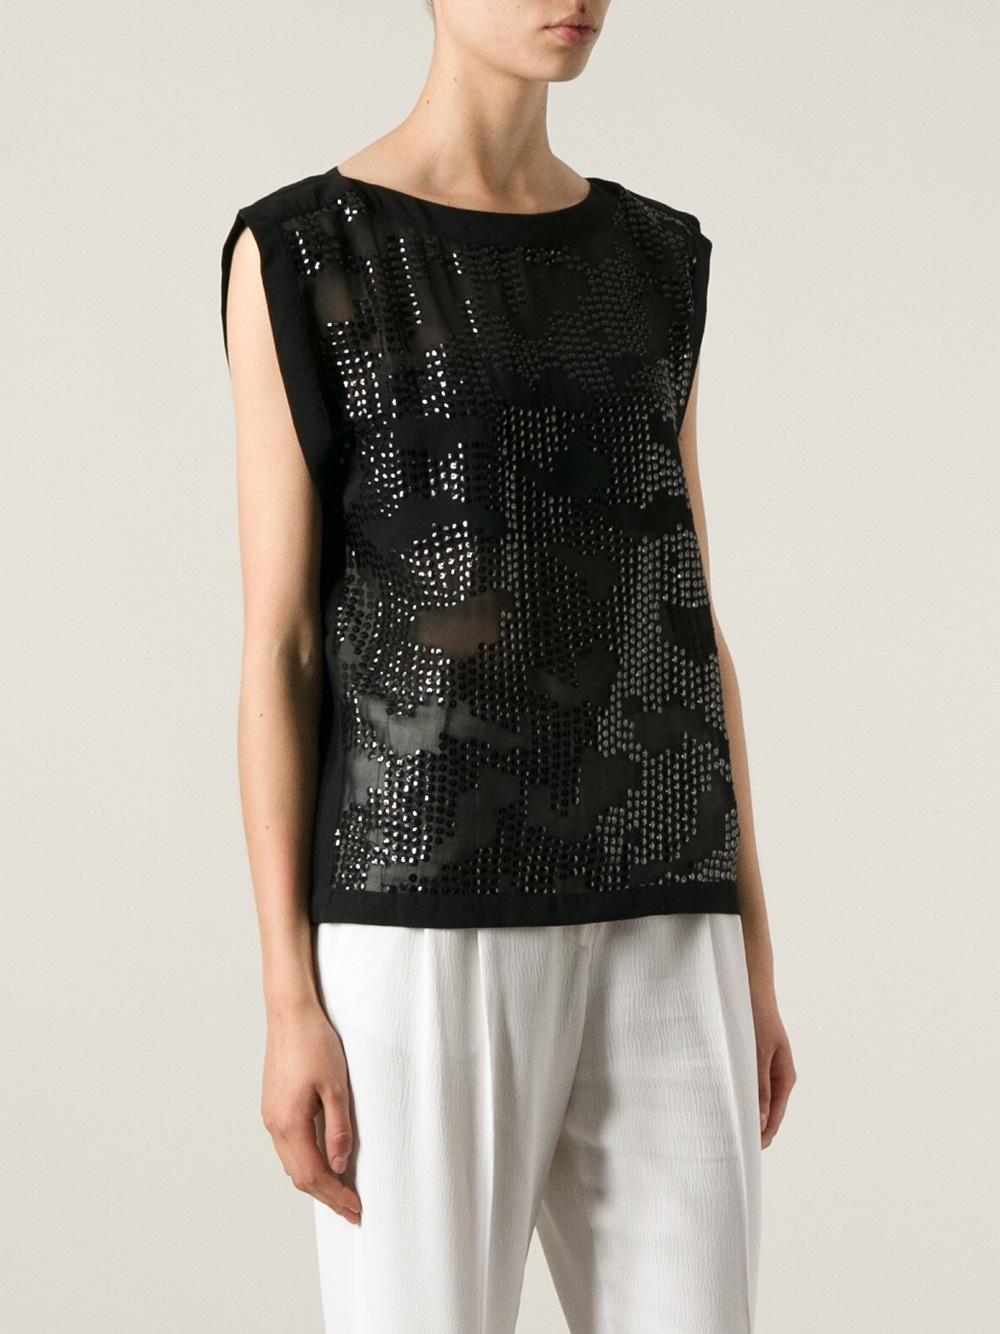 lyst day birger et mikkelsen sequin top in black. Black Bedroom Furniture Sets. Home Design Ideas